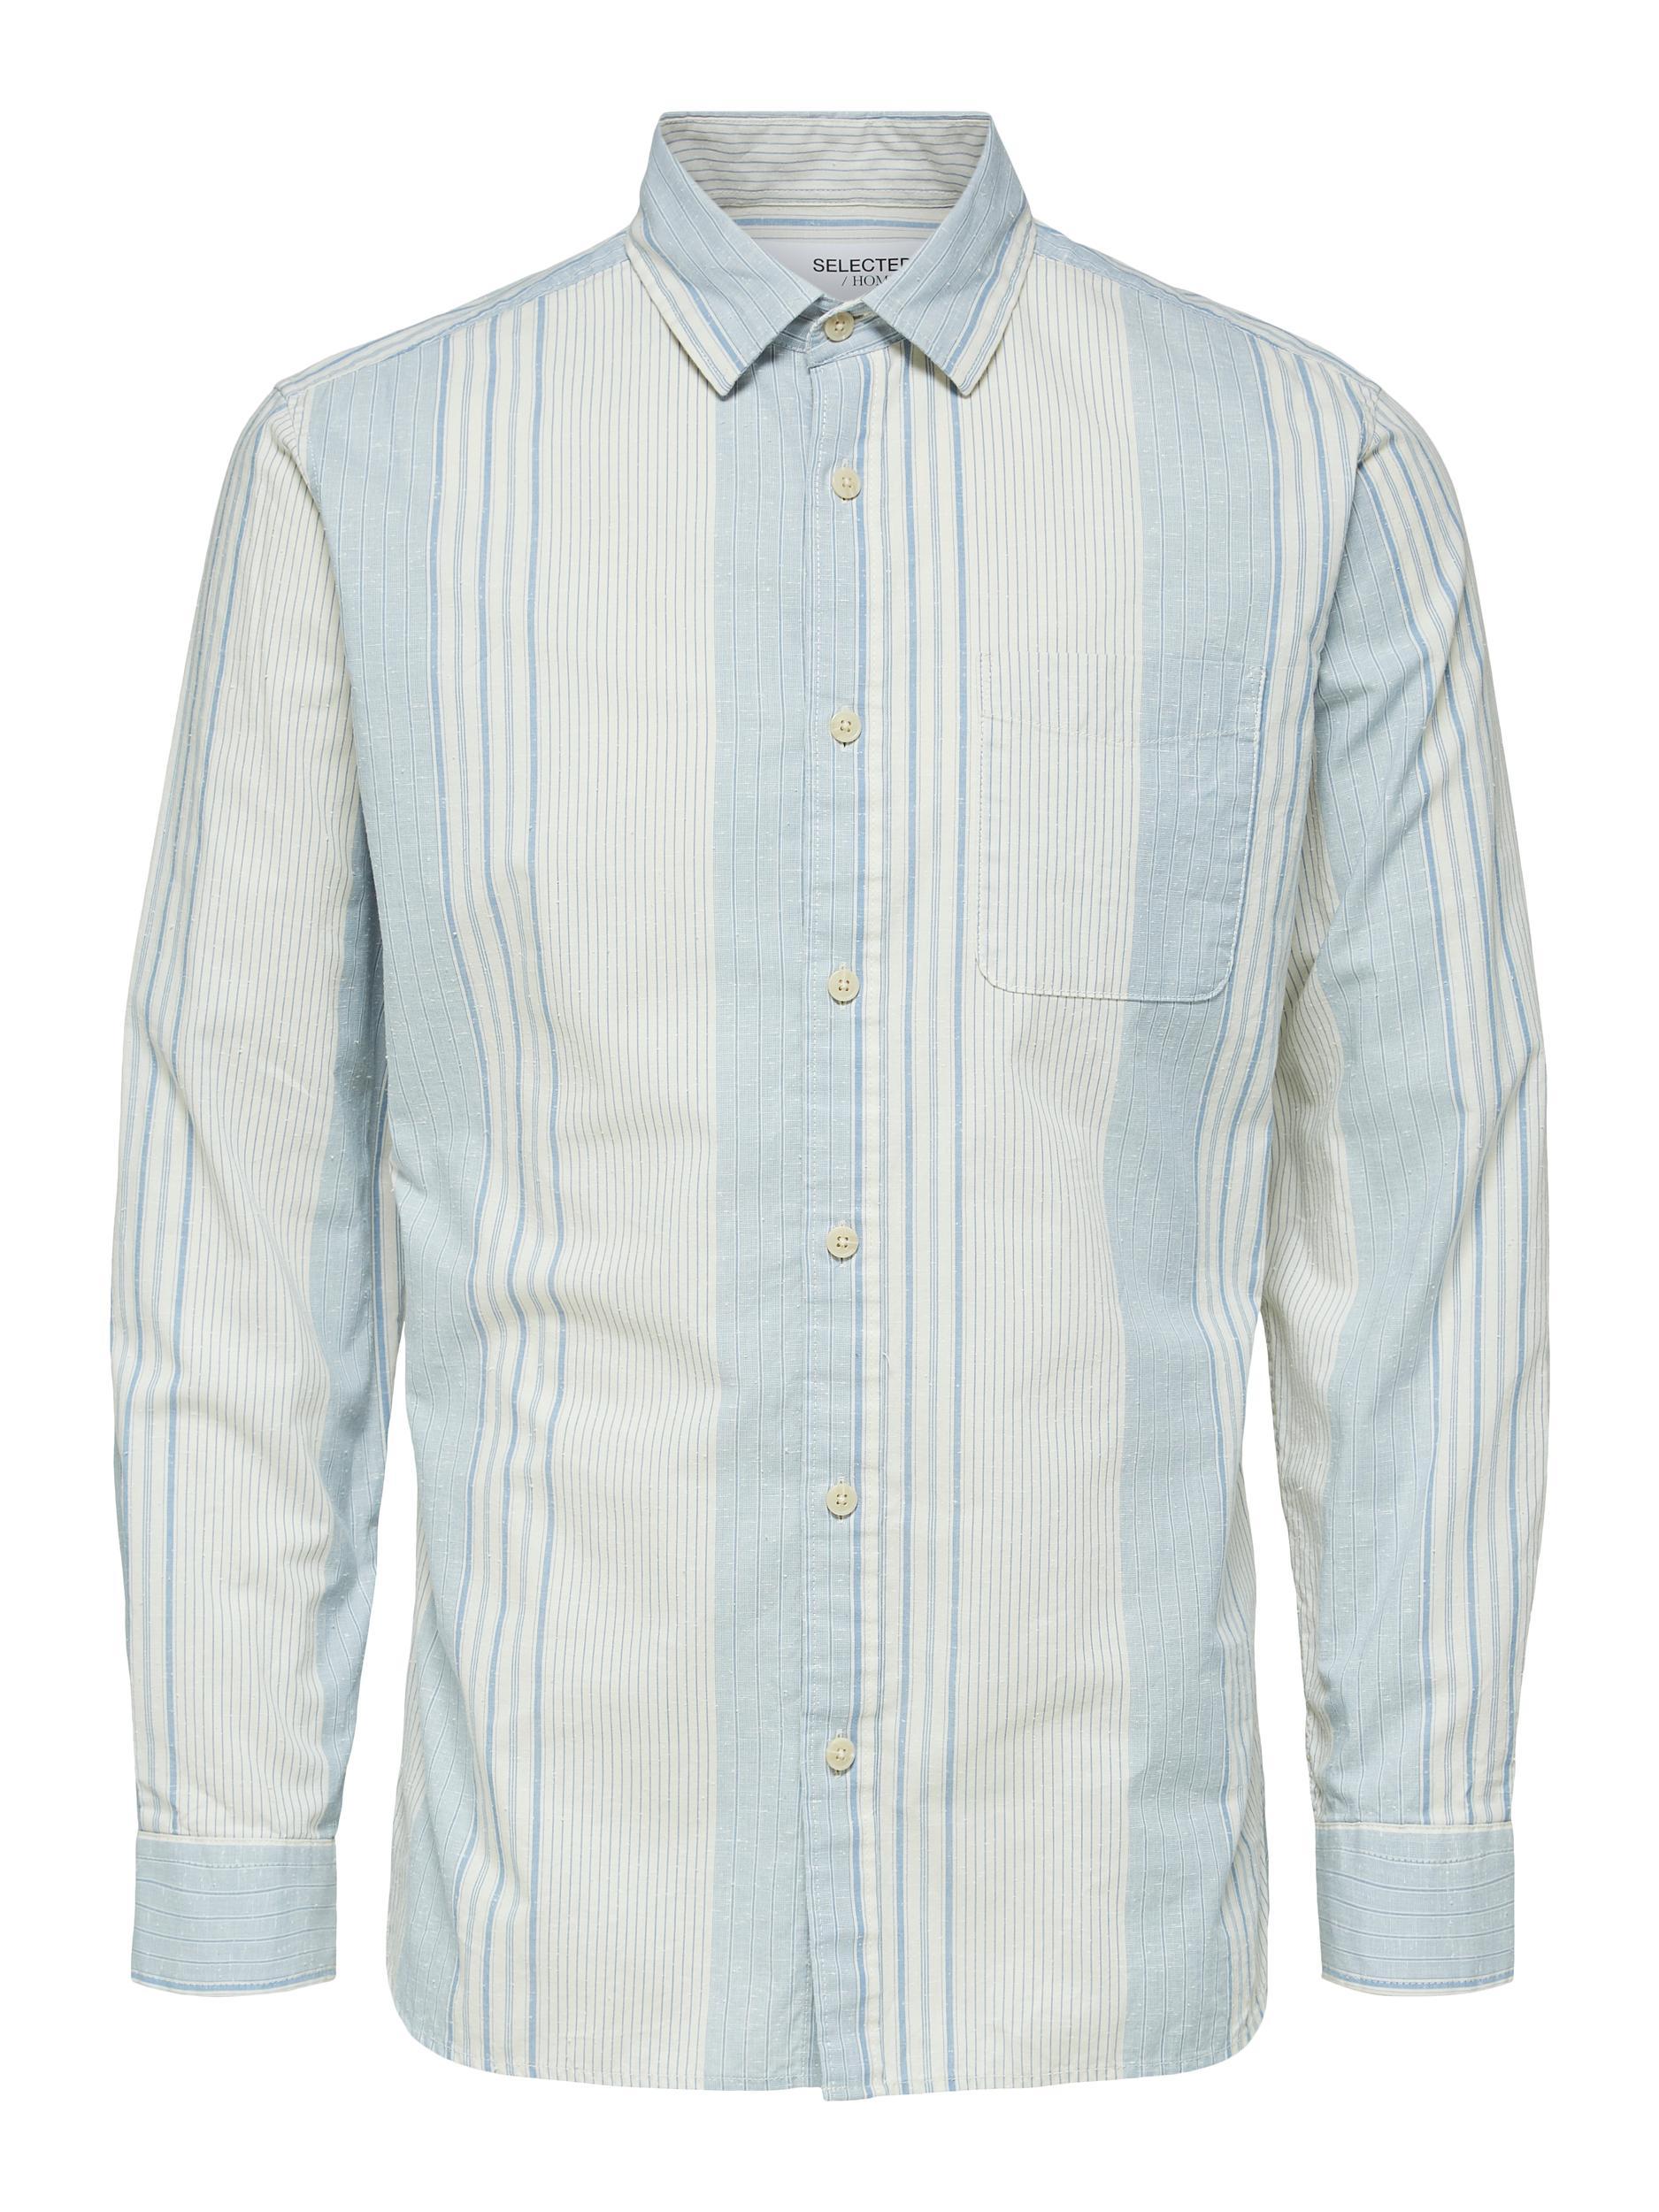 Selected Homme Slimarthur LS skjorte